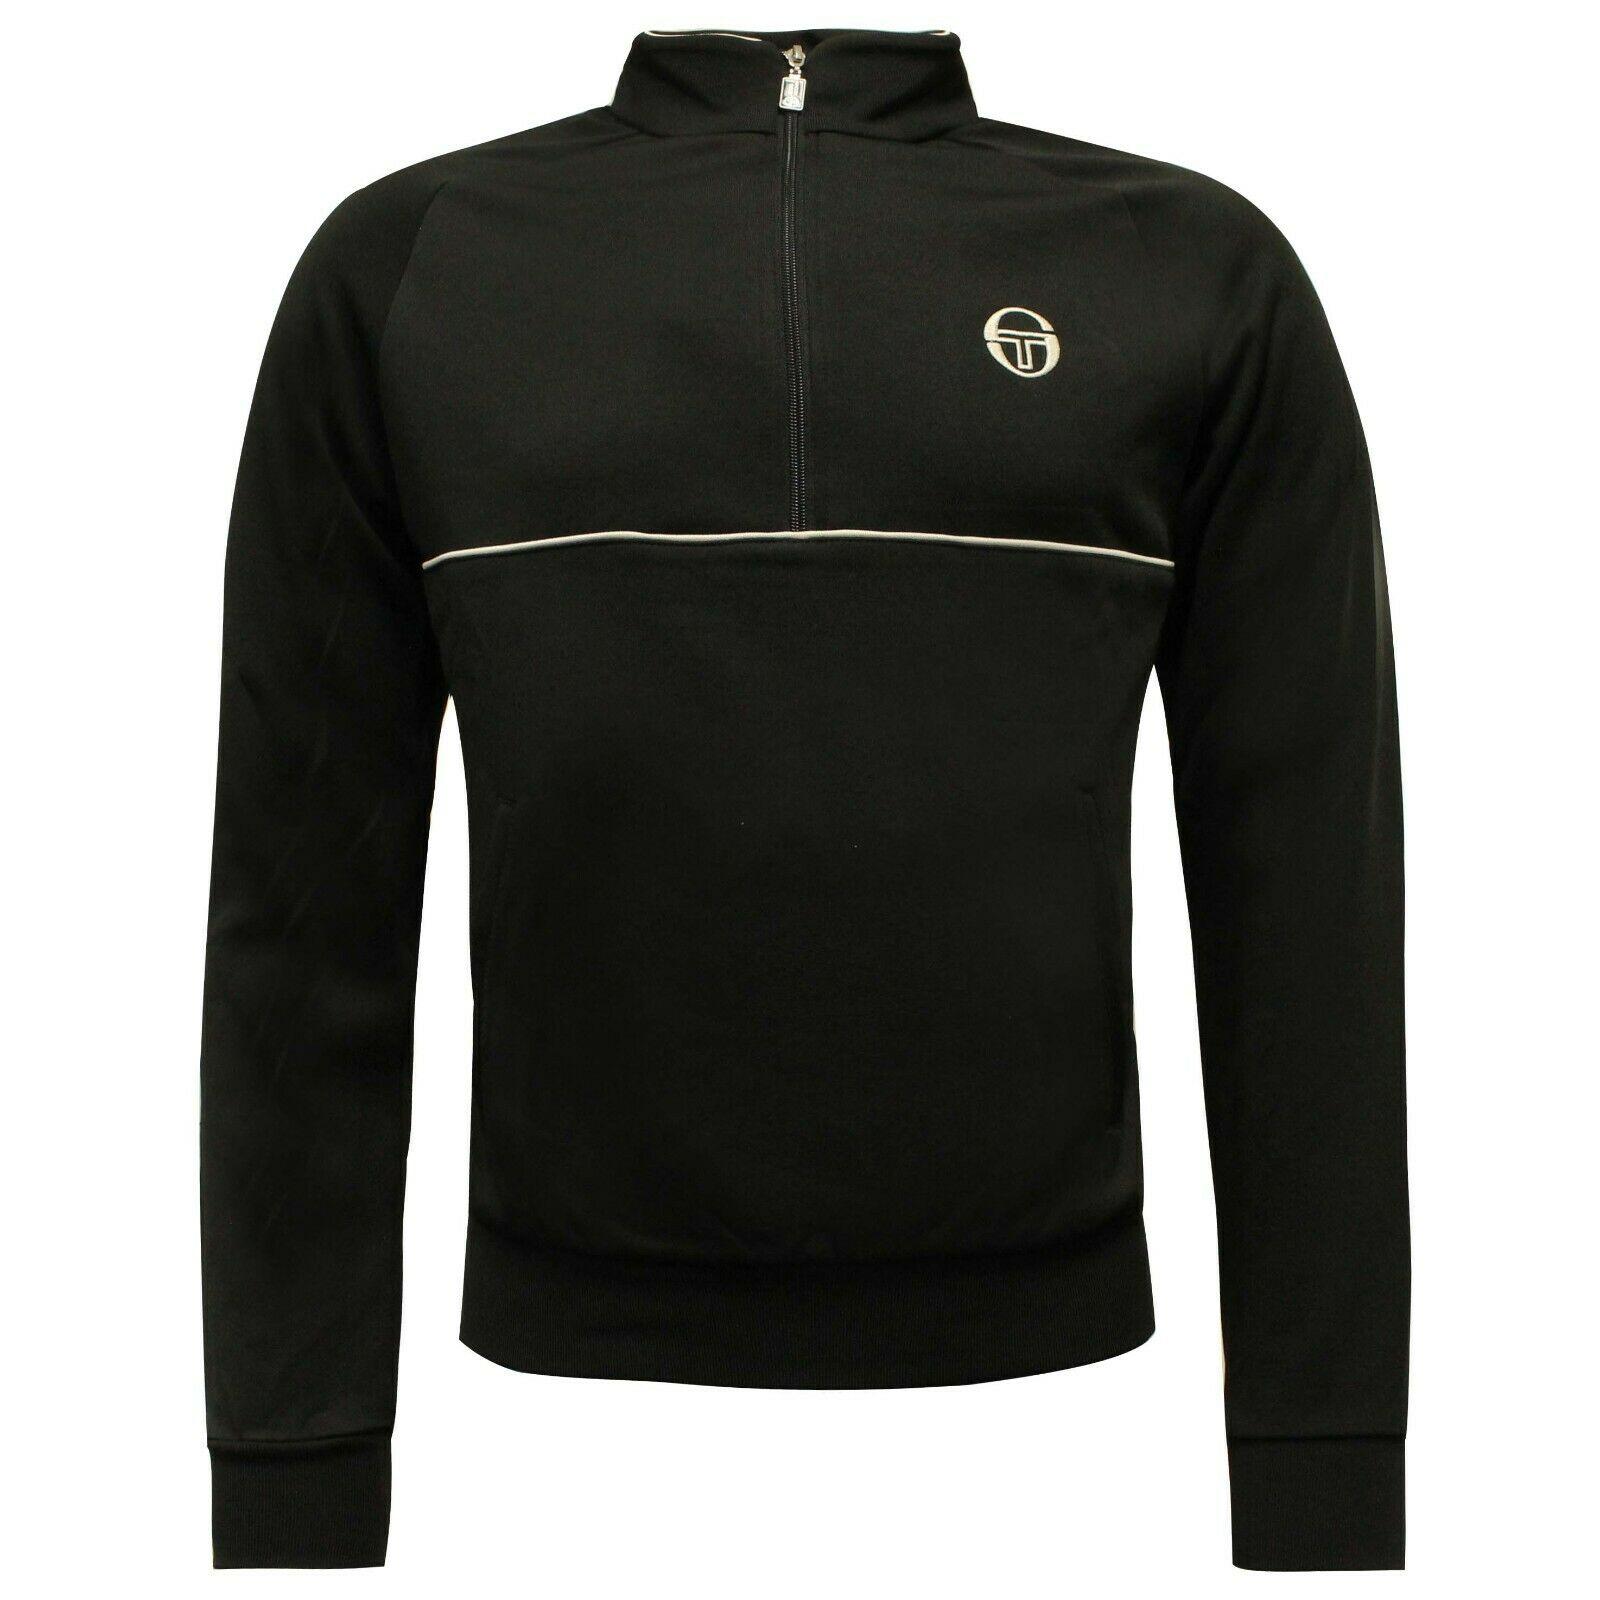 Sergio Tacchini Men's Orion Track Top Half Zip Black 37489 - S Black